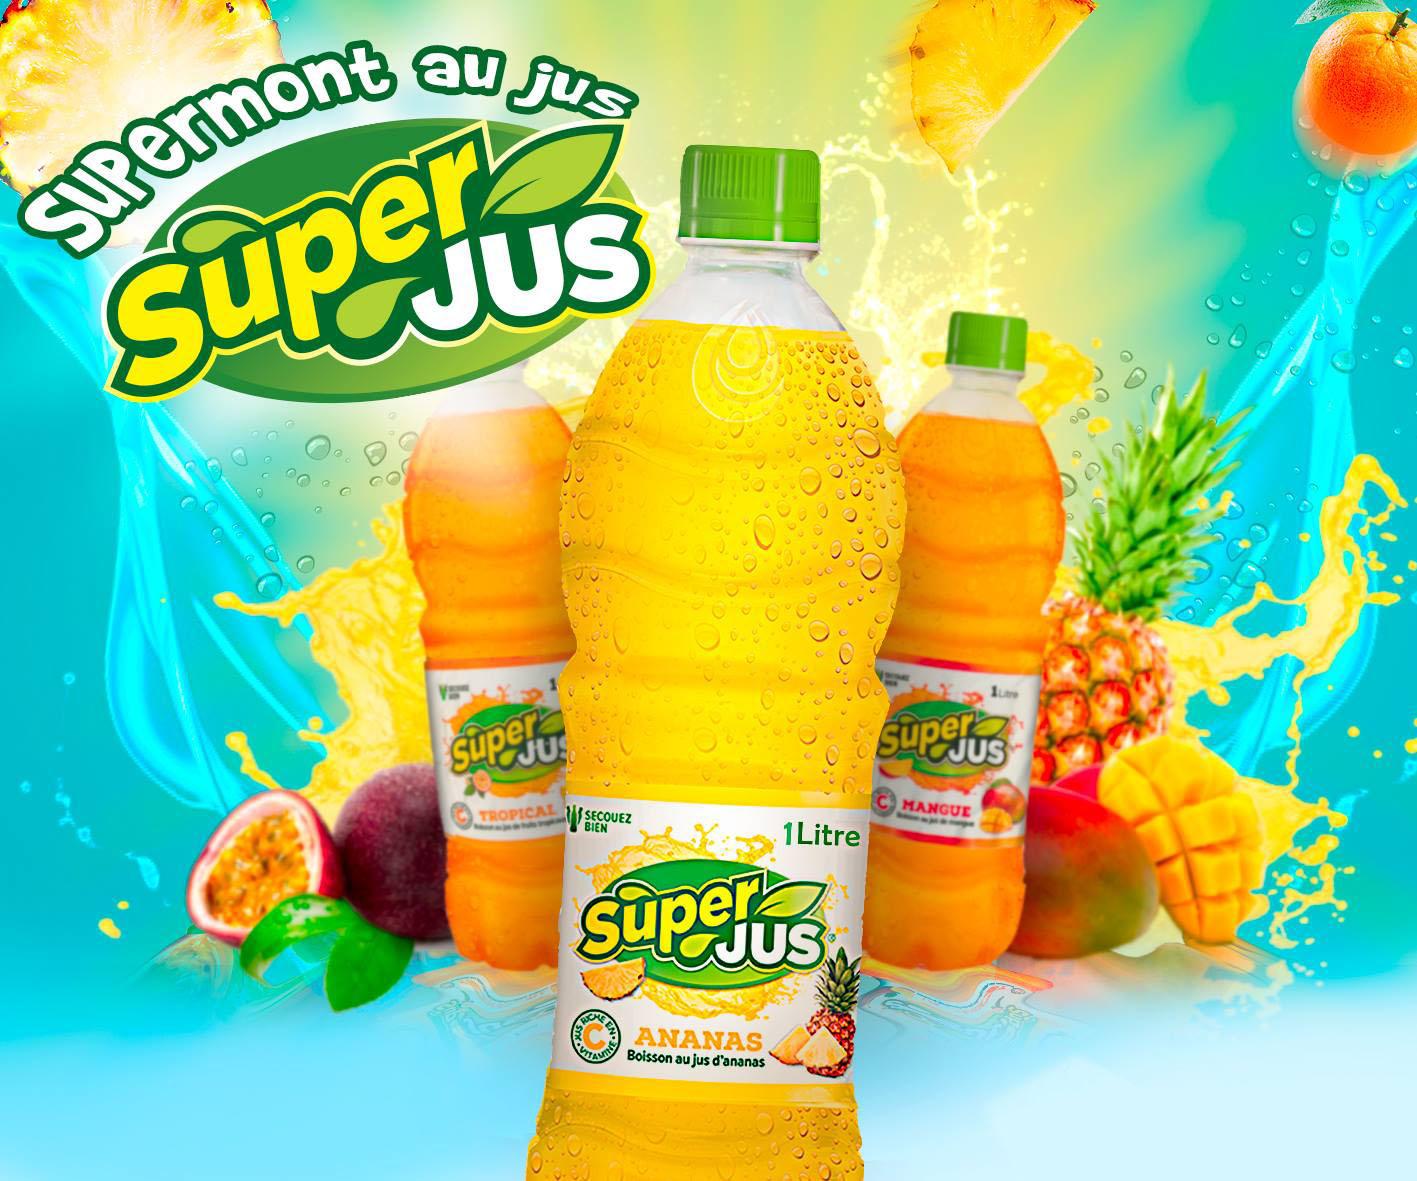 Boisson naturelles Super jus